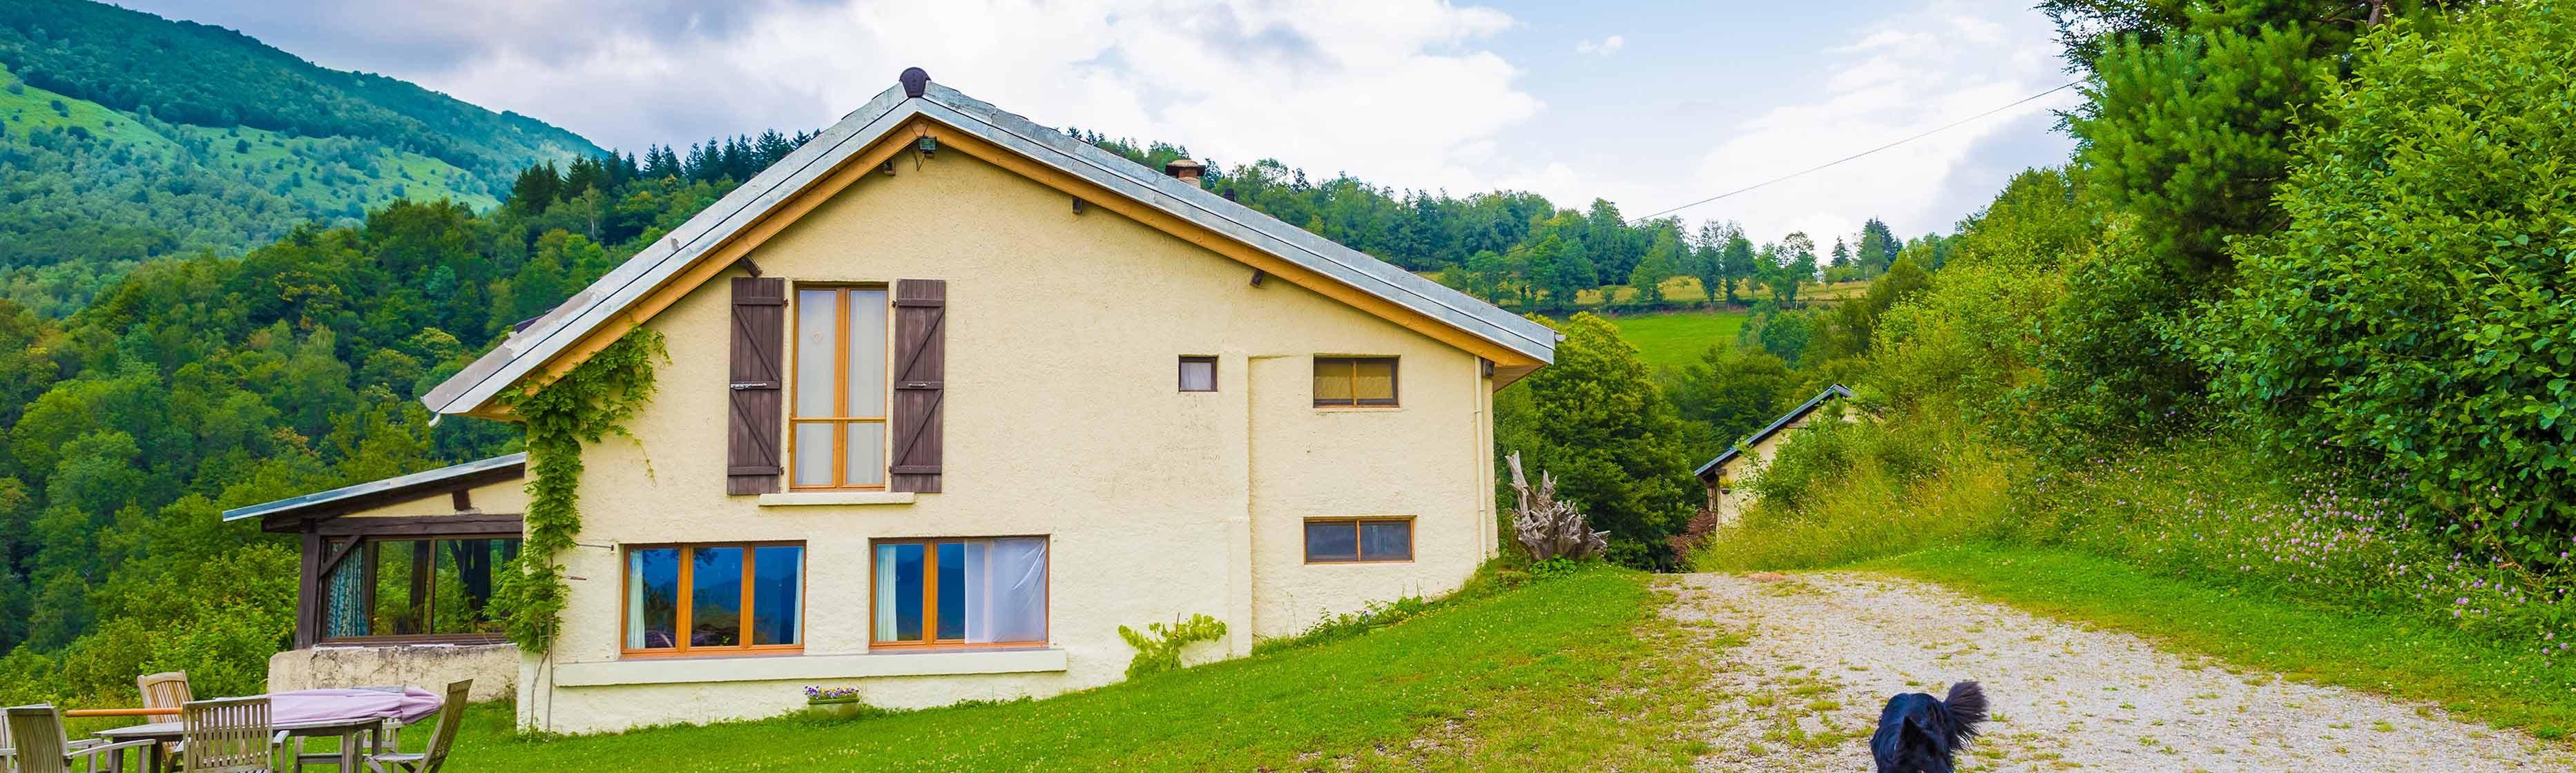 Vakantiehuisje in het groen